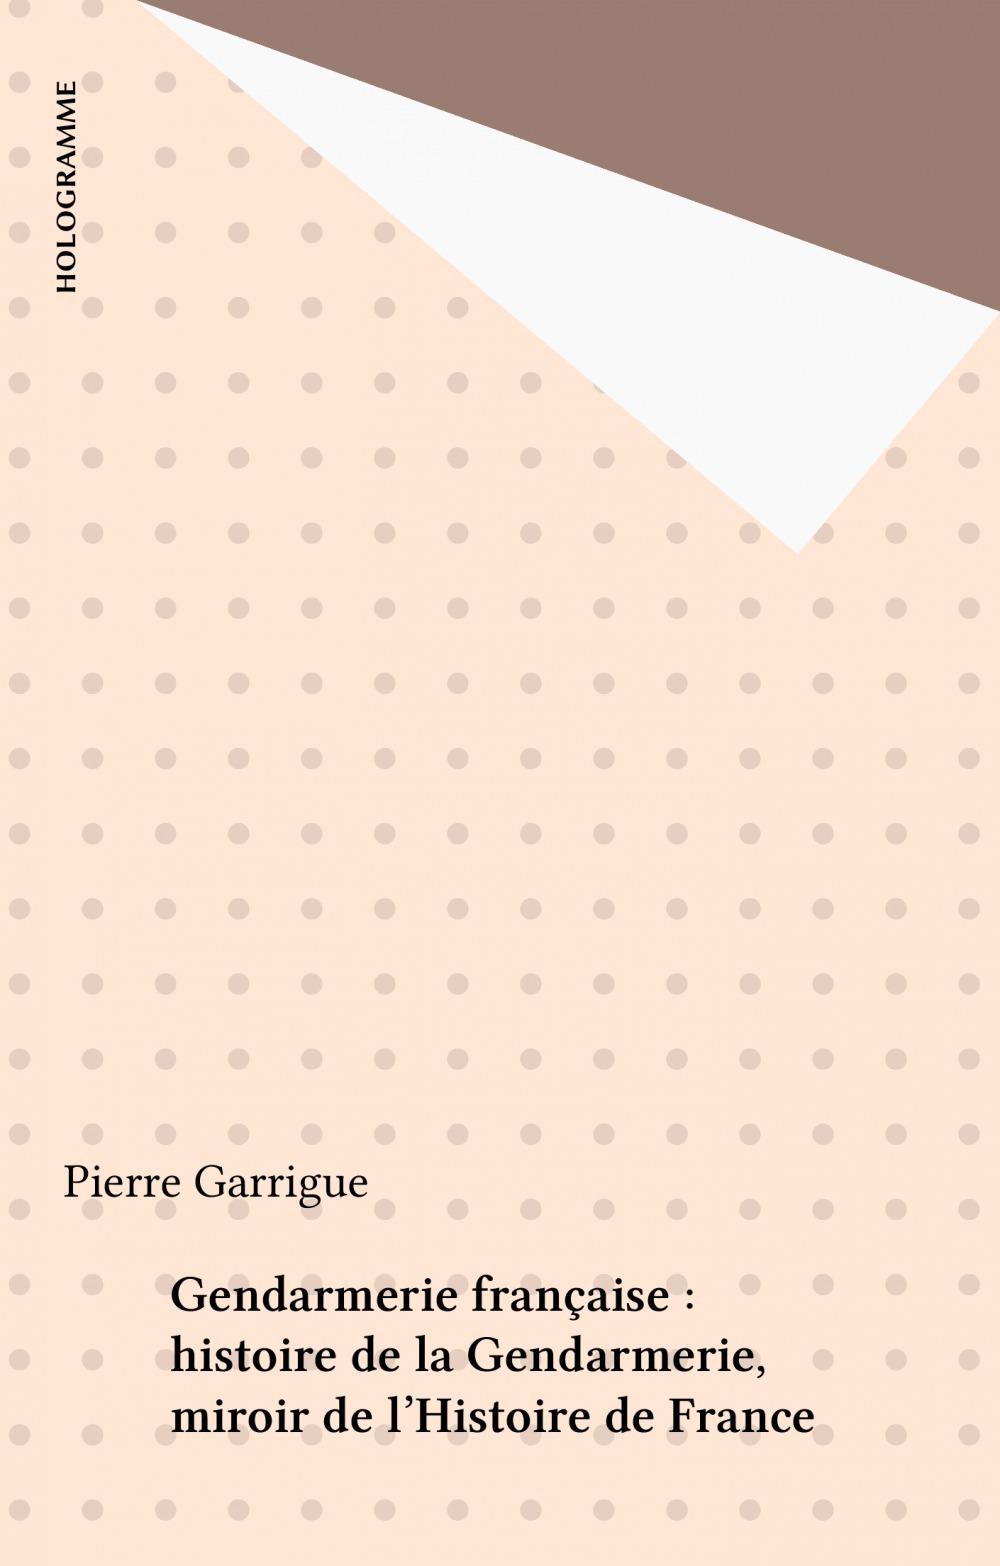 Gendarmerie française : histoire de la Gendarmerie, miroir de l'Histoire de France